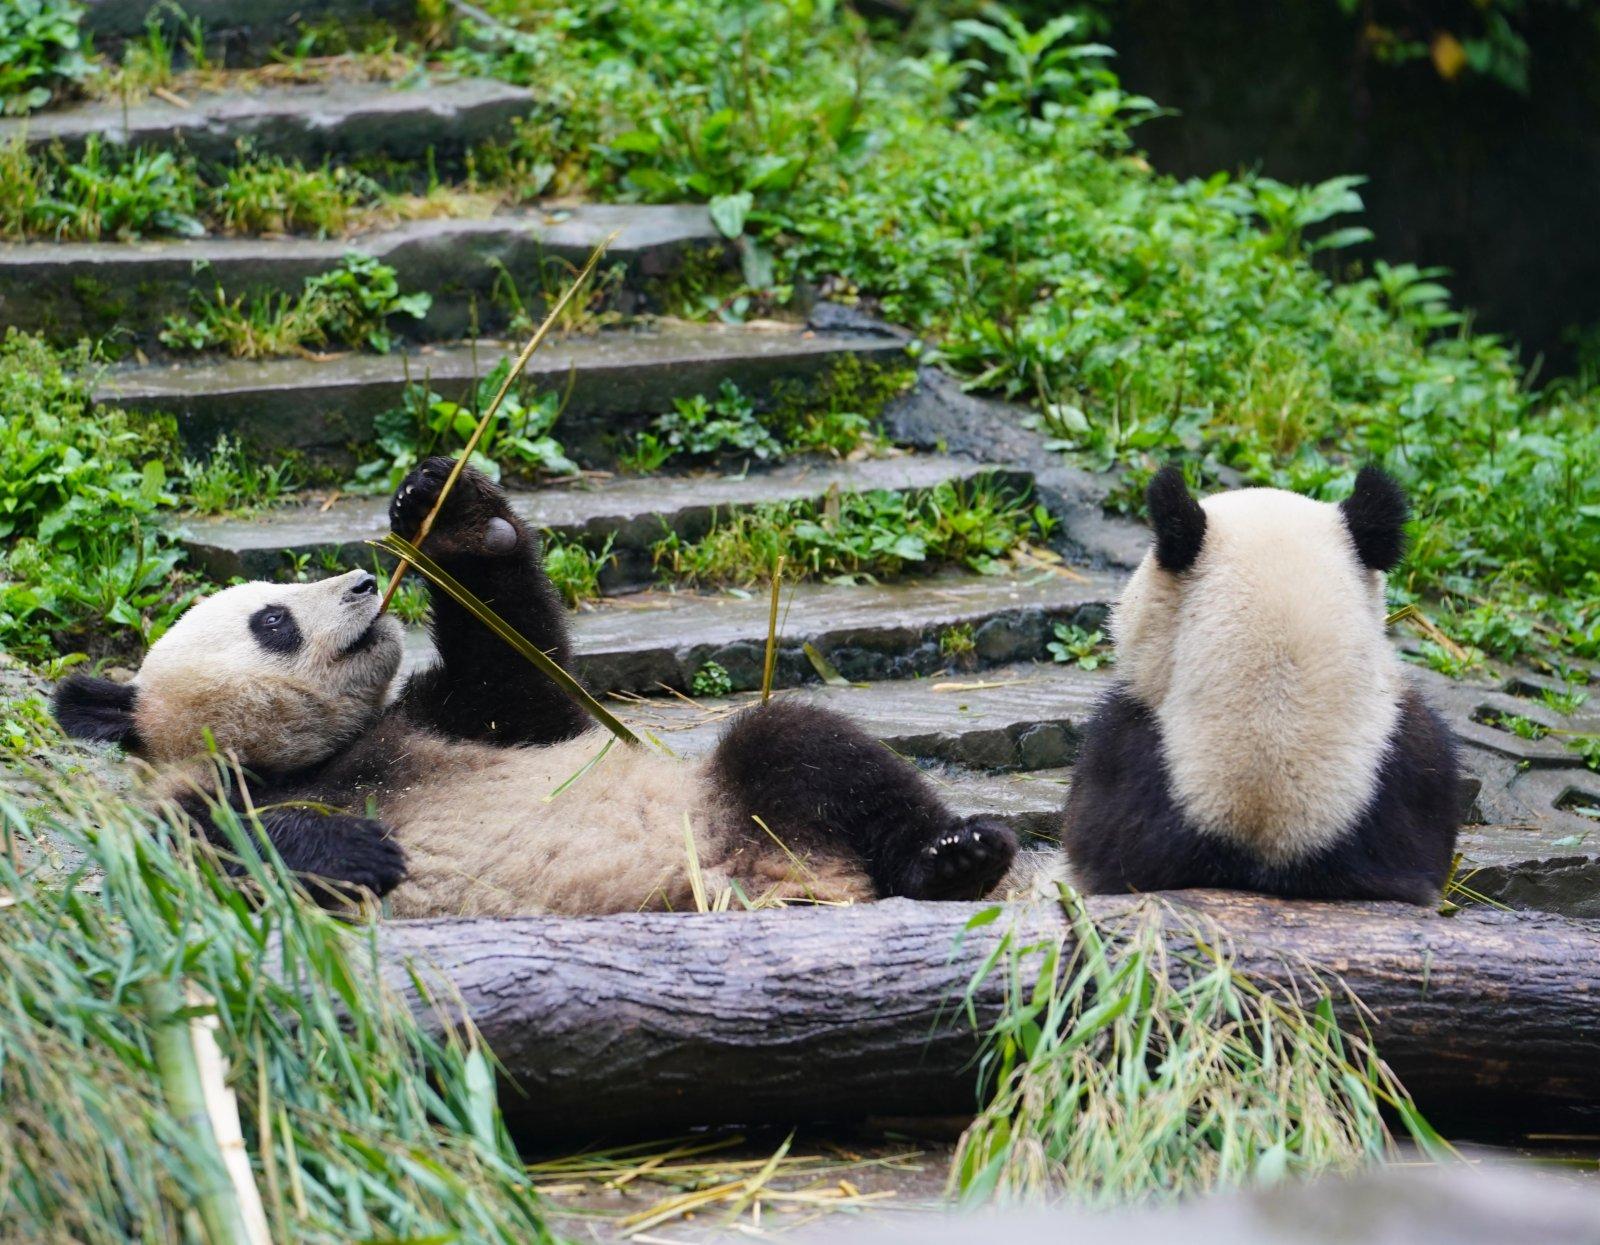 這是5月15日在中國大熊貓保護研究中心雅安碧峰峽基地拍攝的大熊貓。